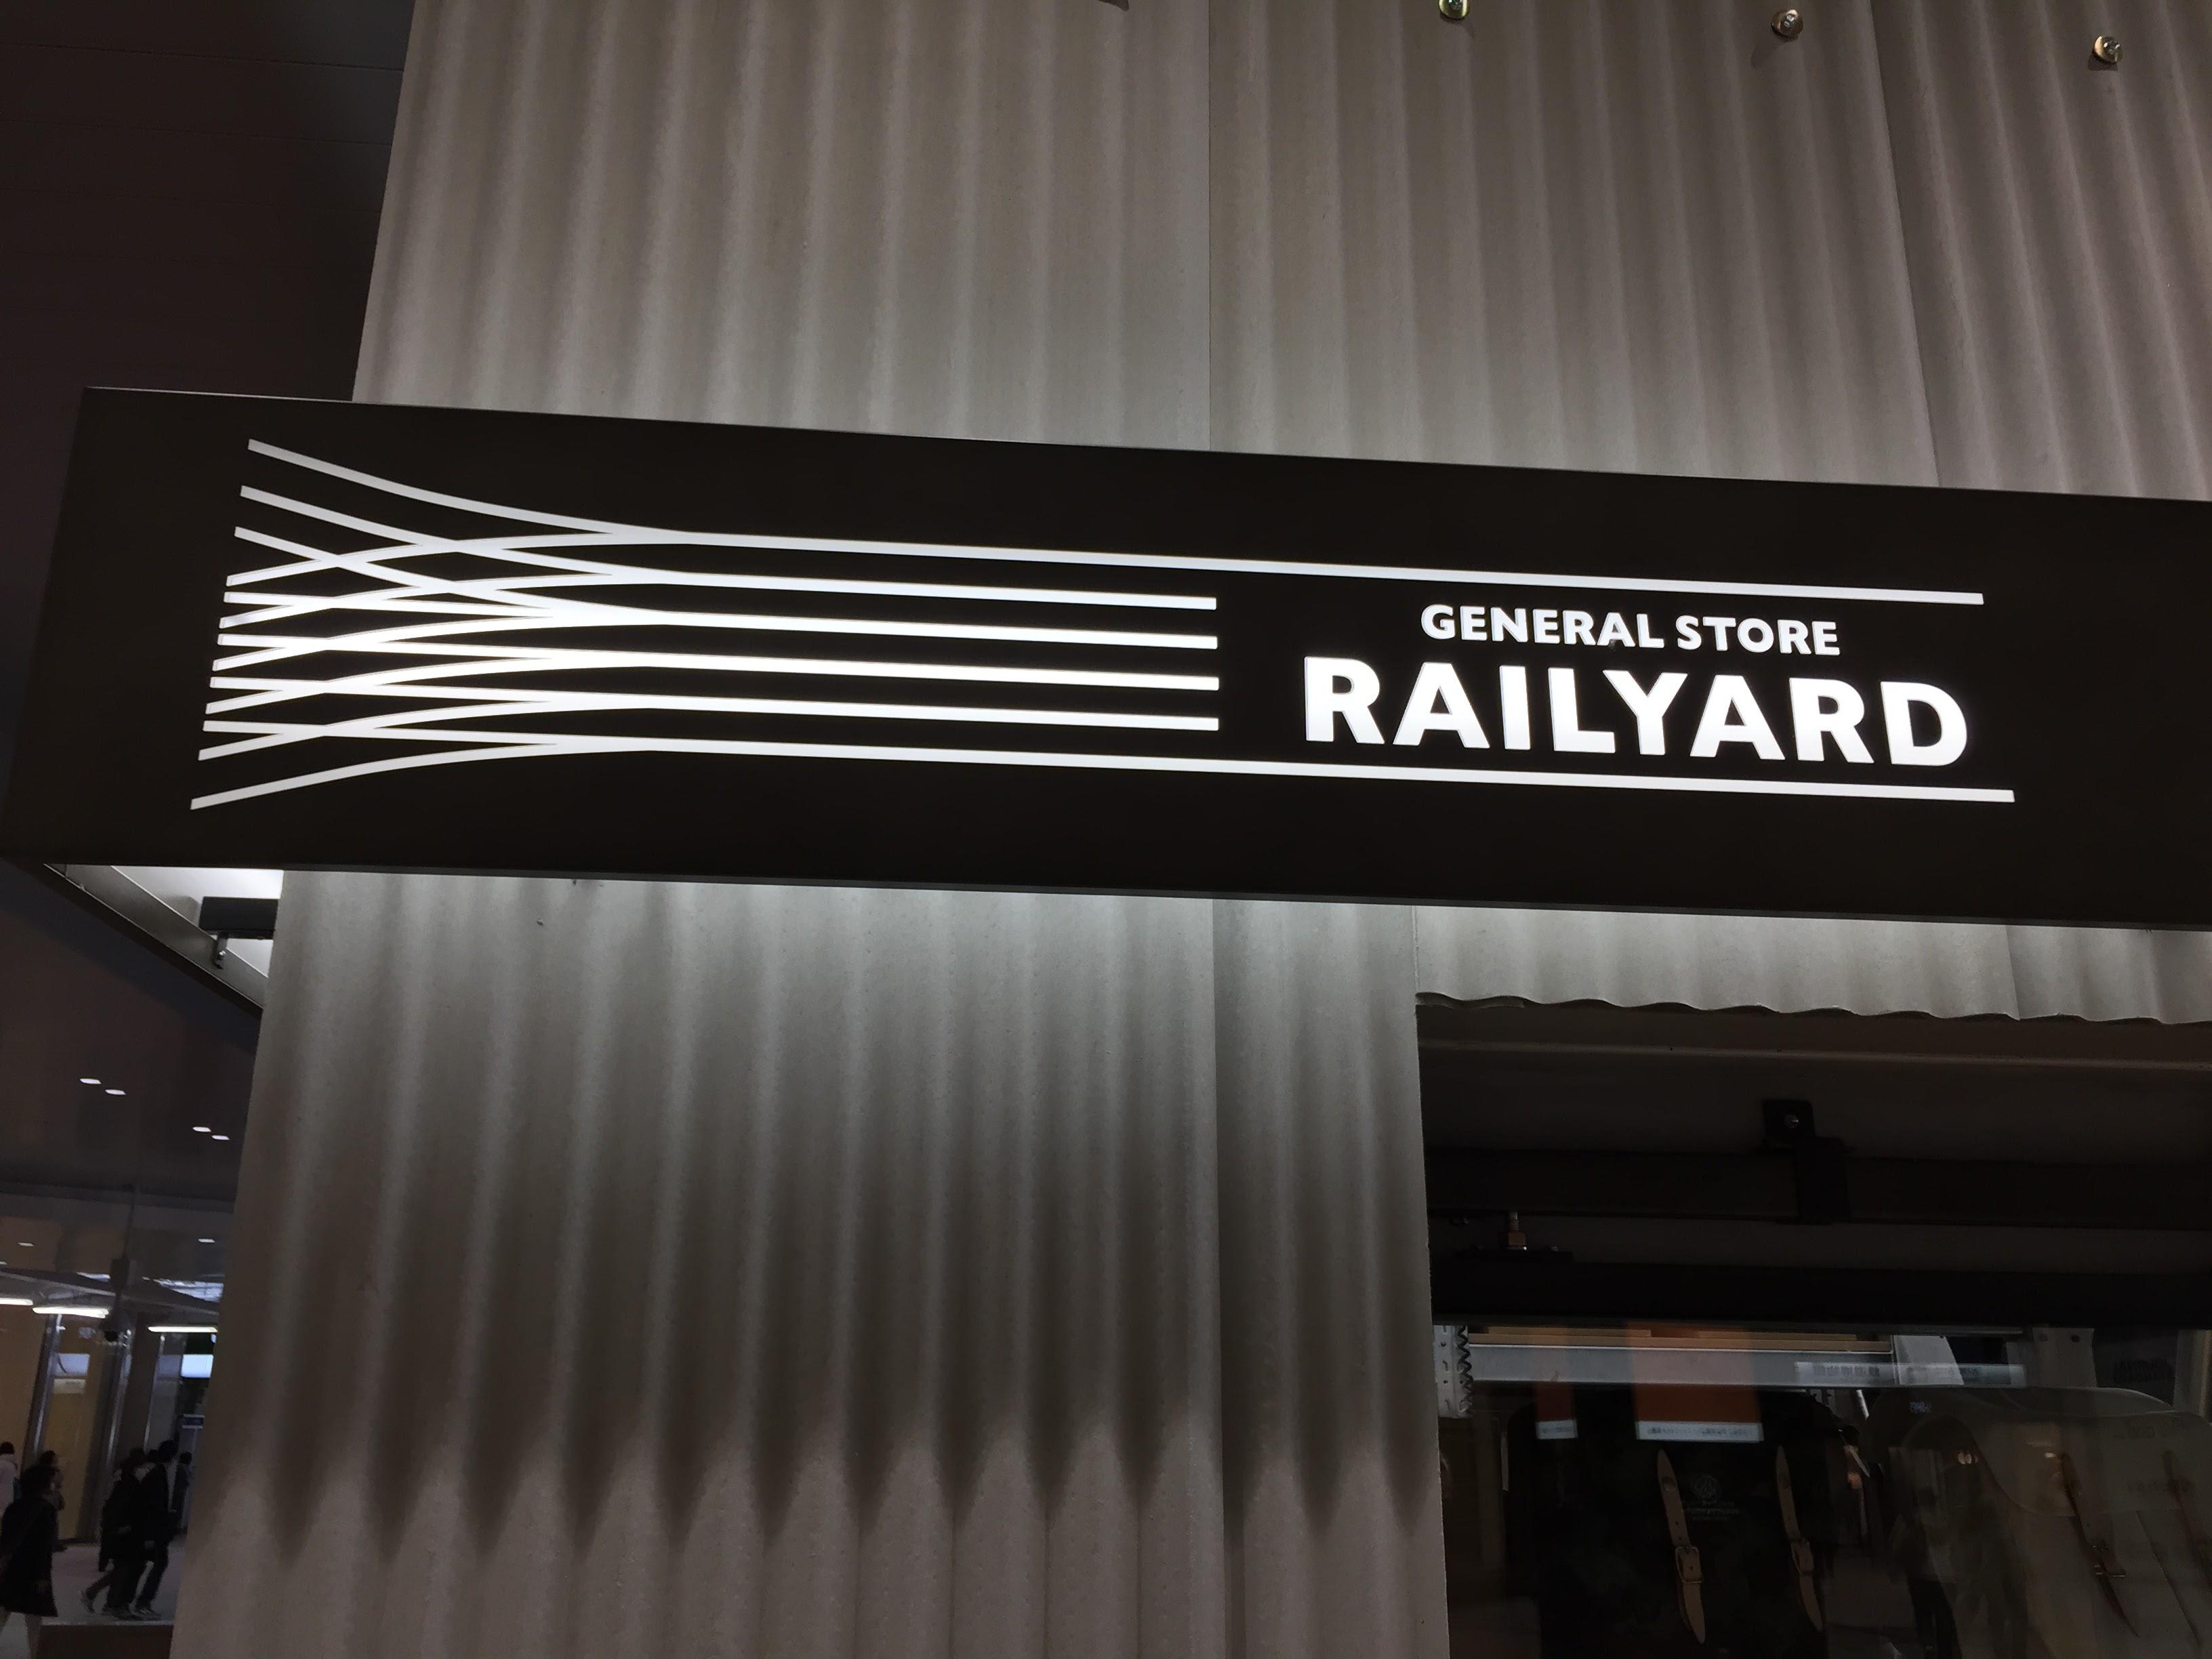 鉄道グッズ専門店「GENERAL STORE RAILYARD」